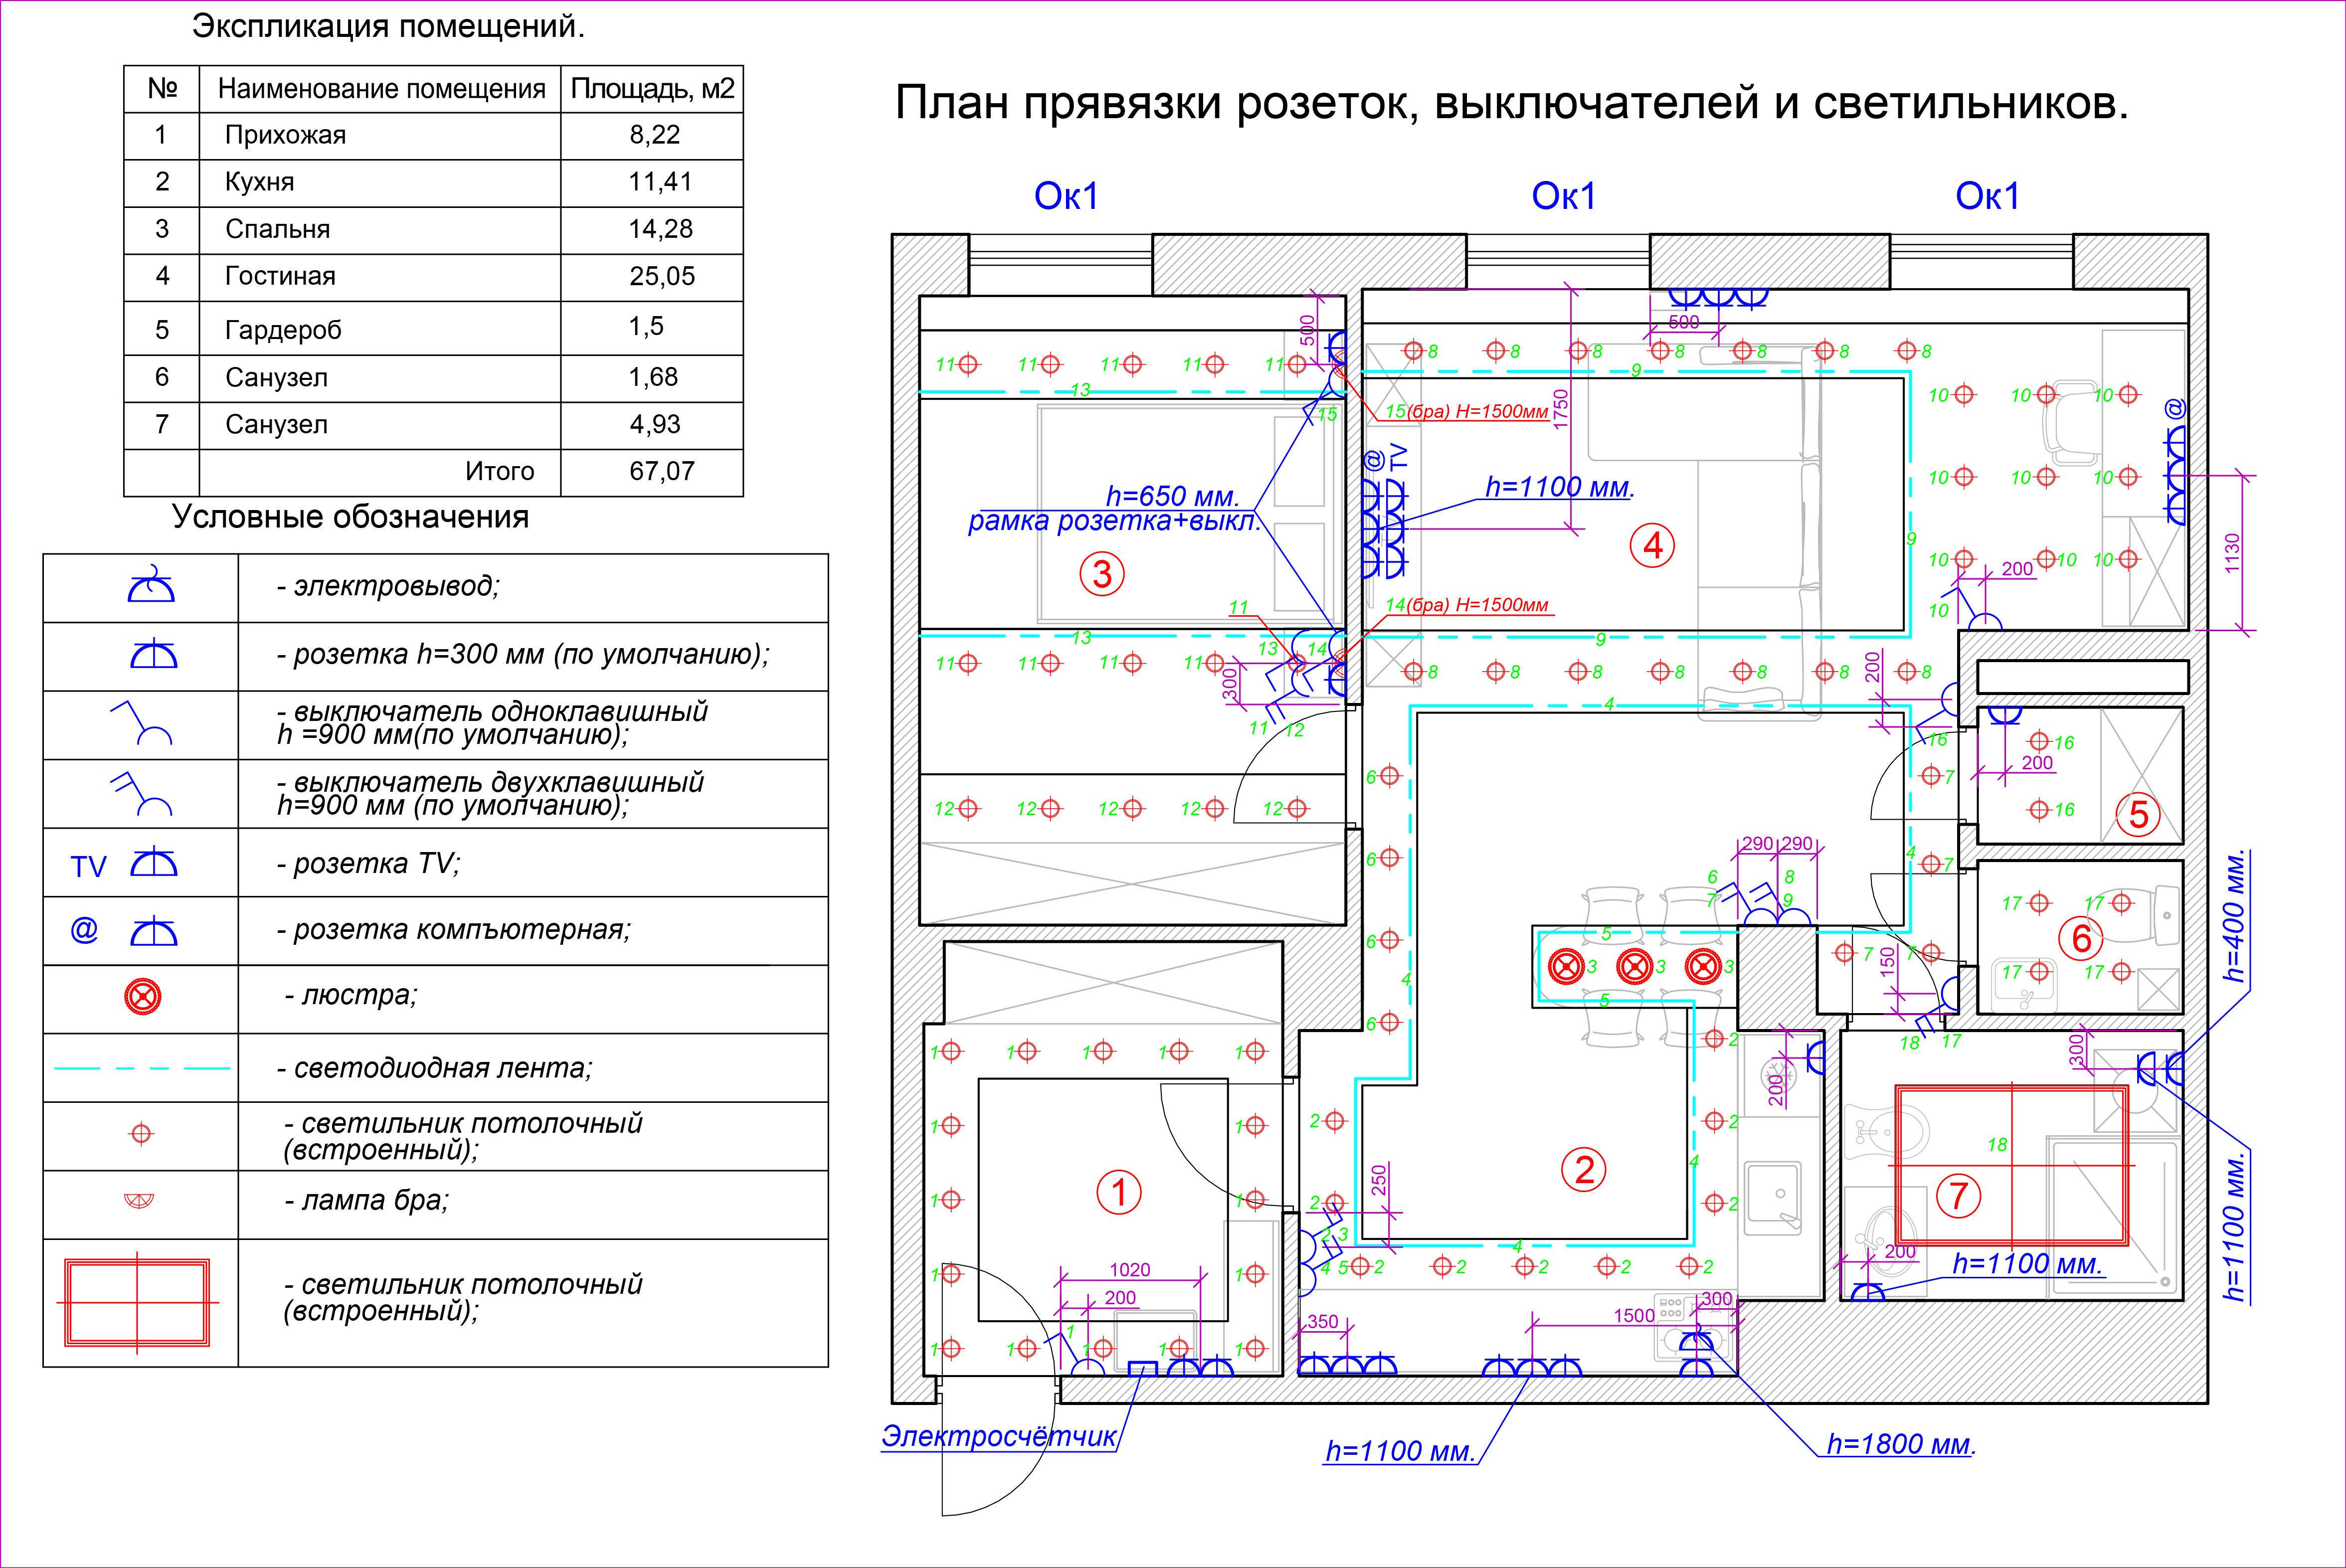 Интерьер квартиры_чертежи 2